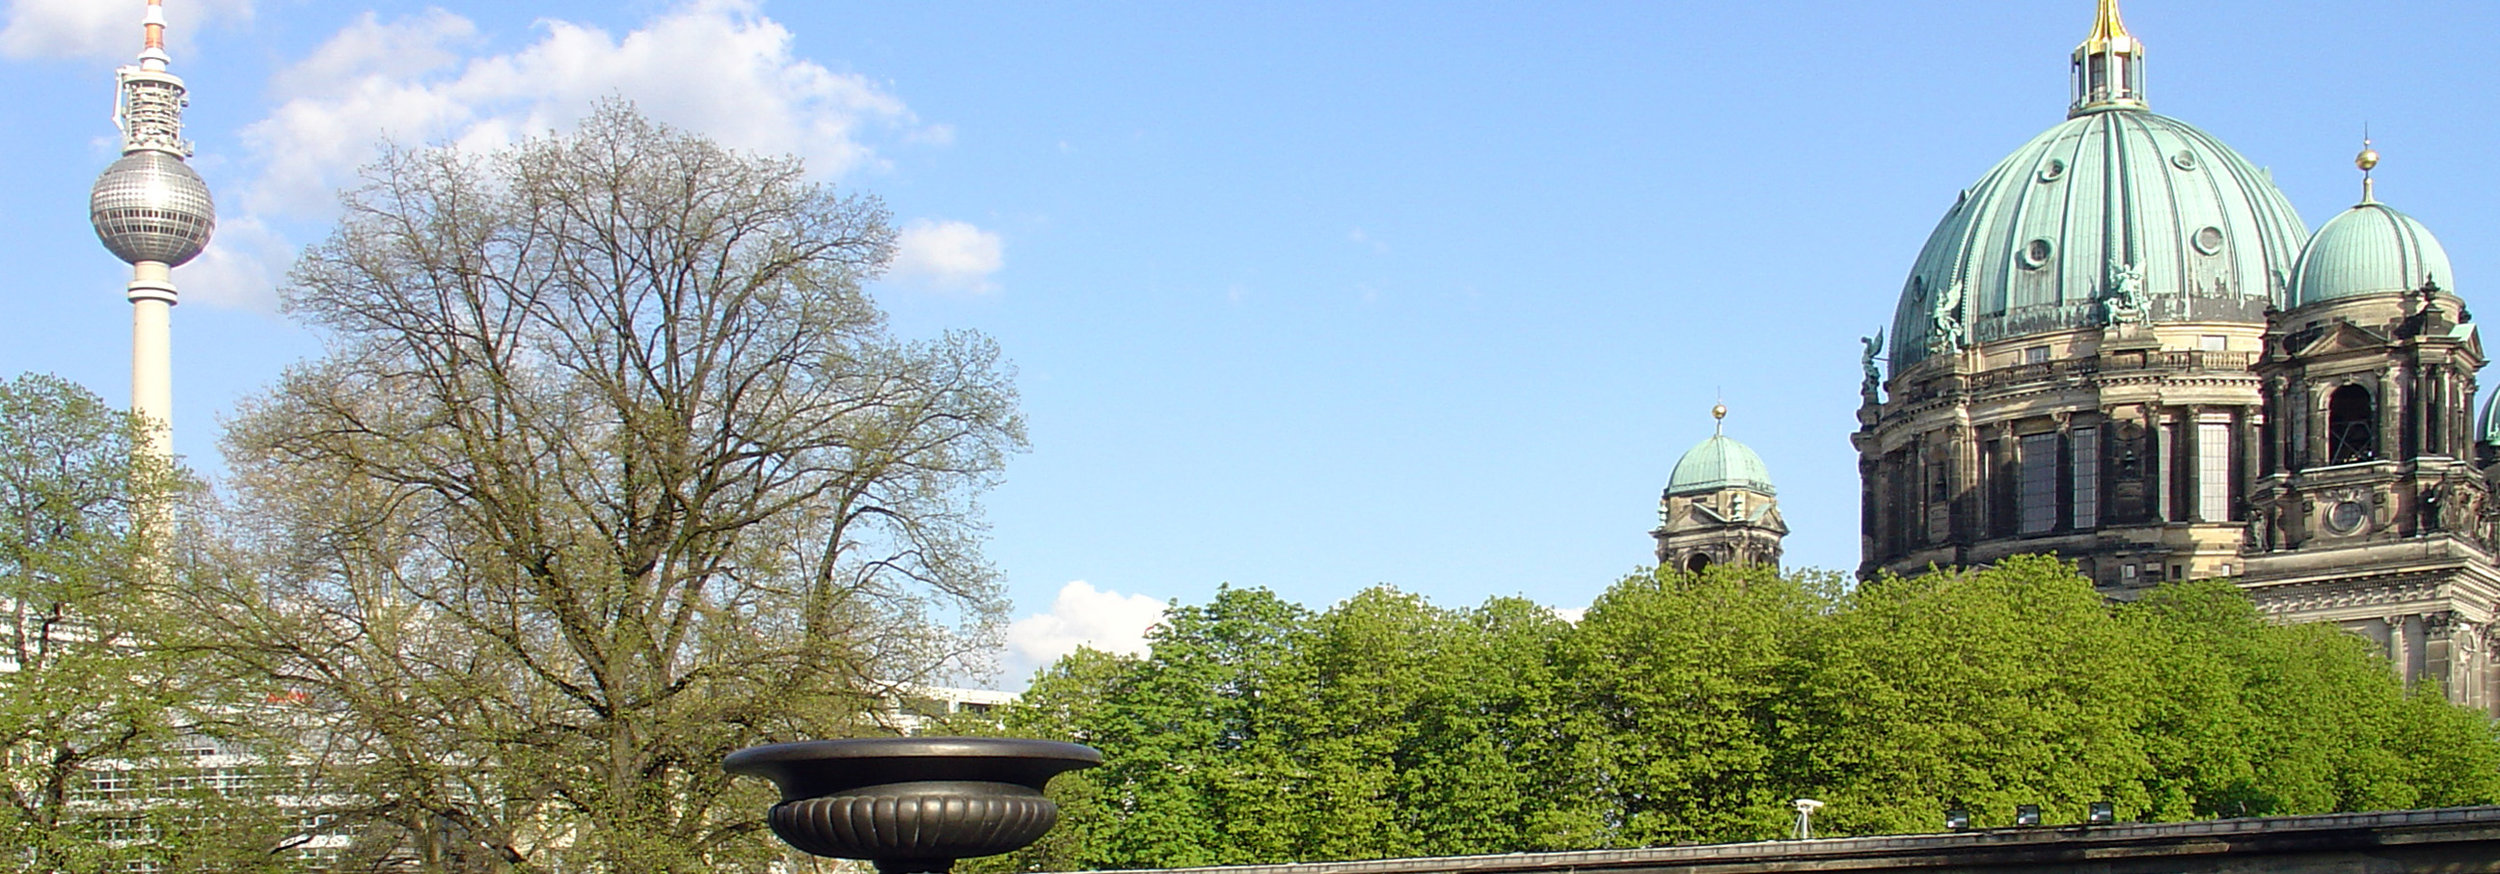 Berliner Dom u. Alexanderplatz_DSC01286 OPT_900p.jpg